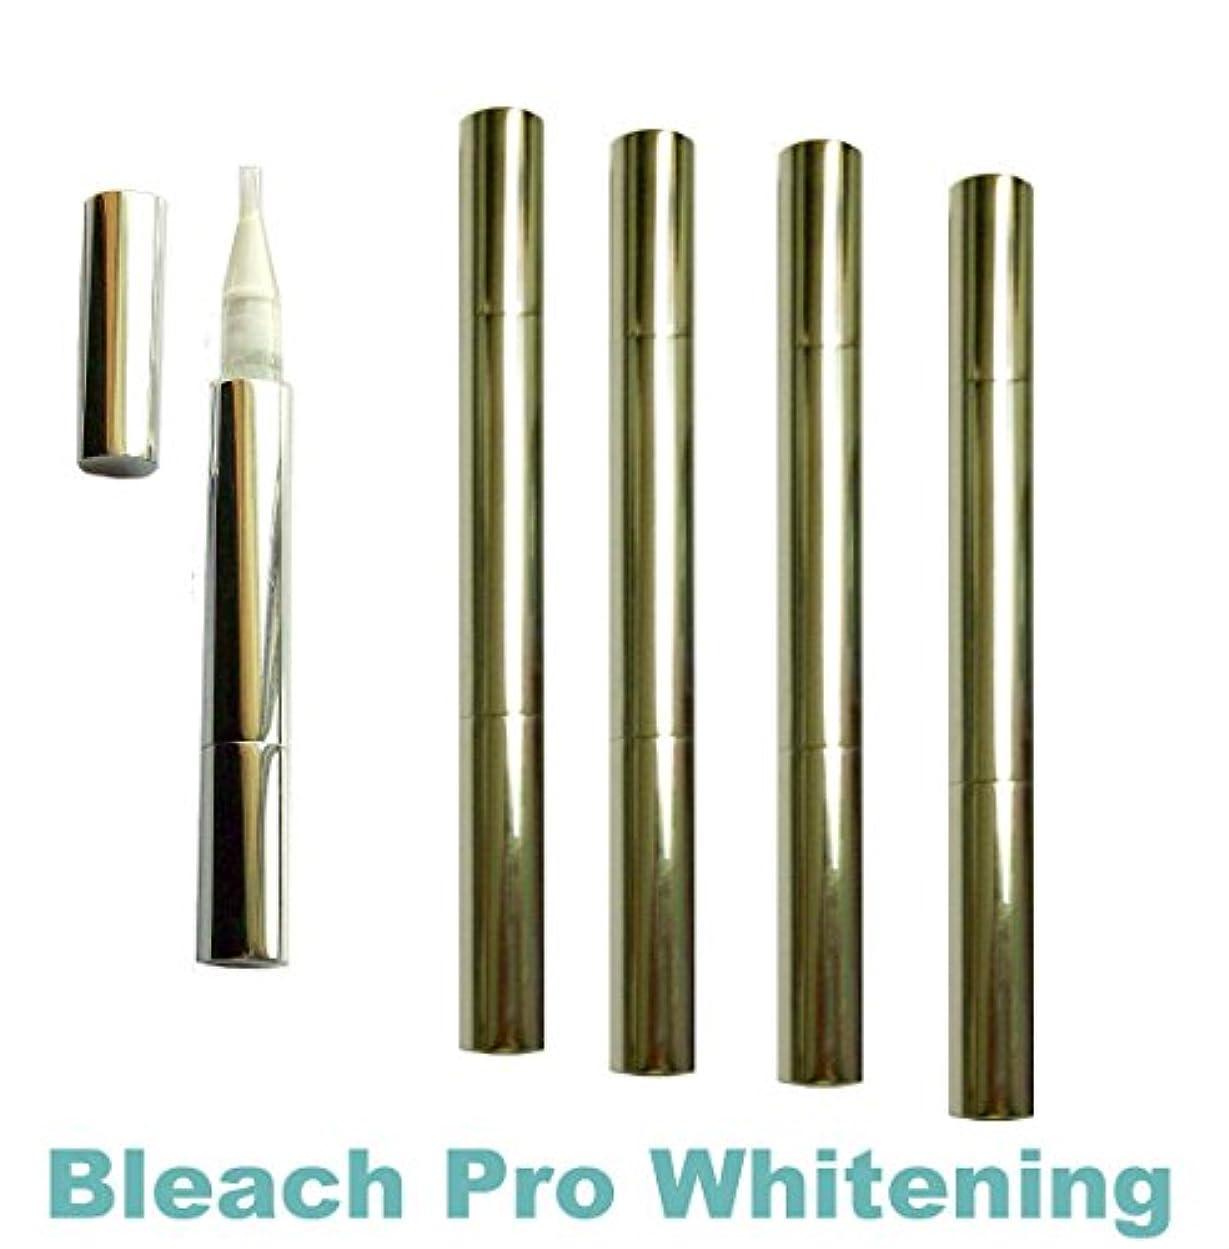 キノコパフ生態学Teeth Whitening Gel Pens 35% Carbamide Peroxide Tooth Bleaching Formula Pen with Brush Tip Gel Dispenser. 5 Whitening...